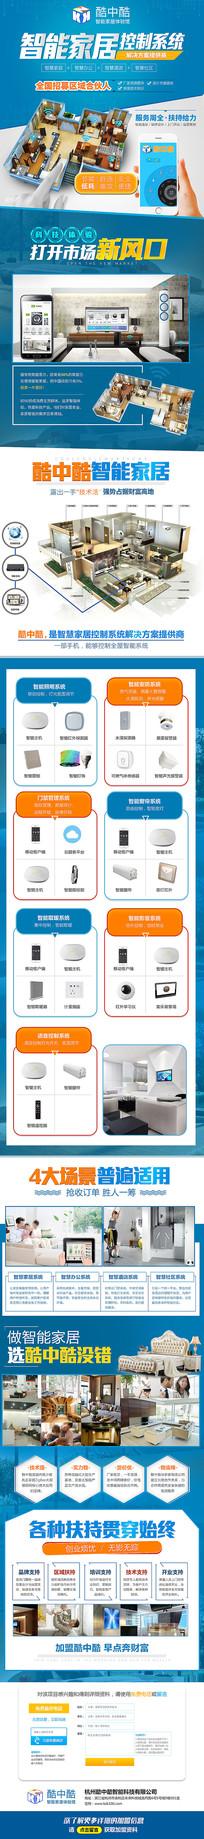 淘宝蓝色科技墙饰招商页面